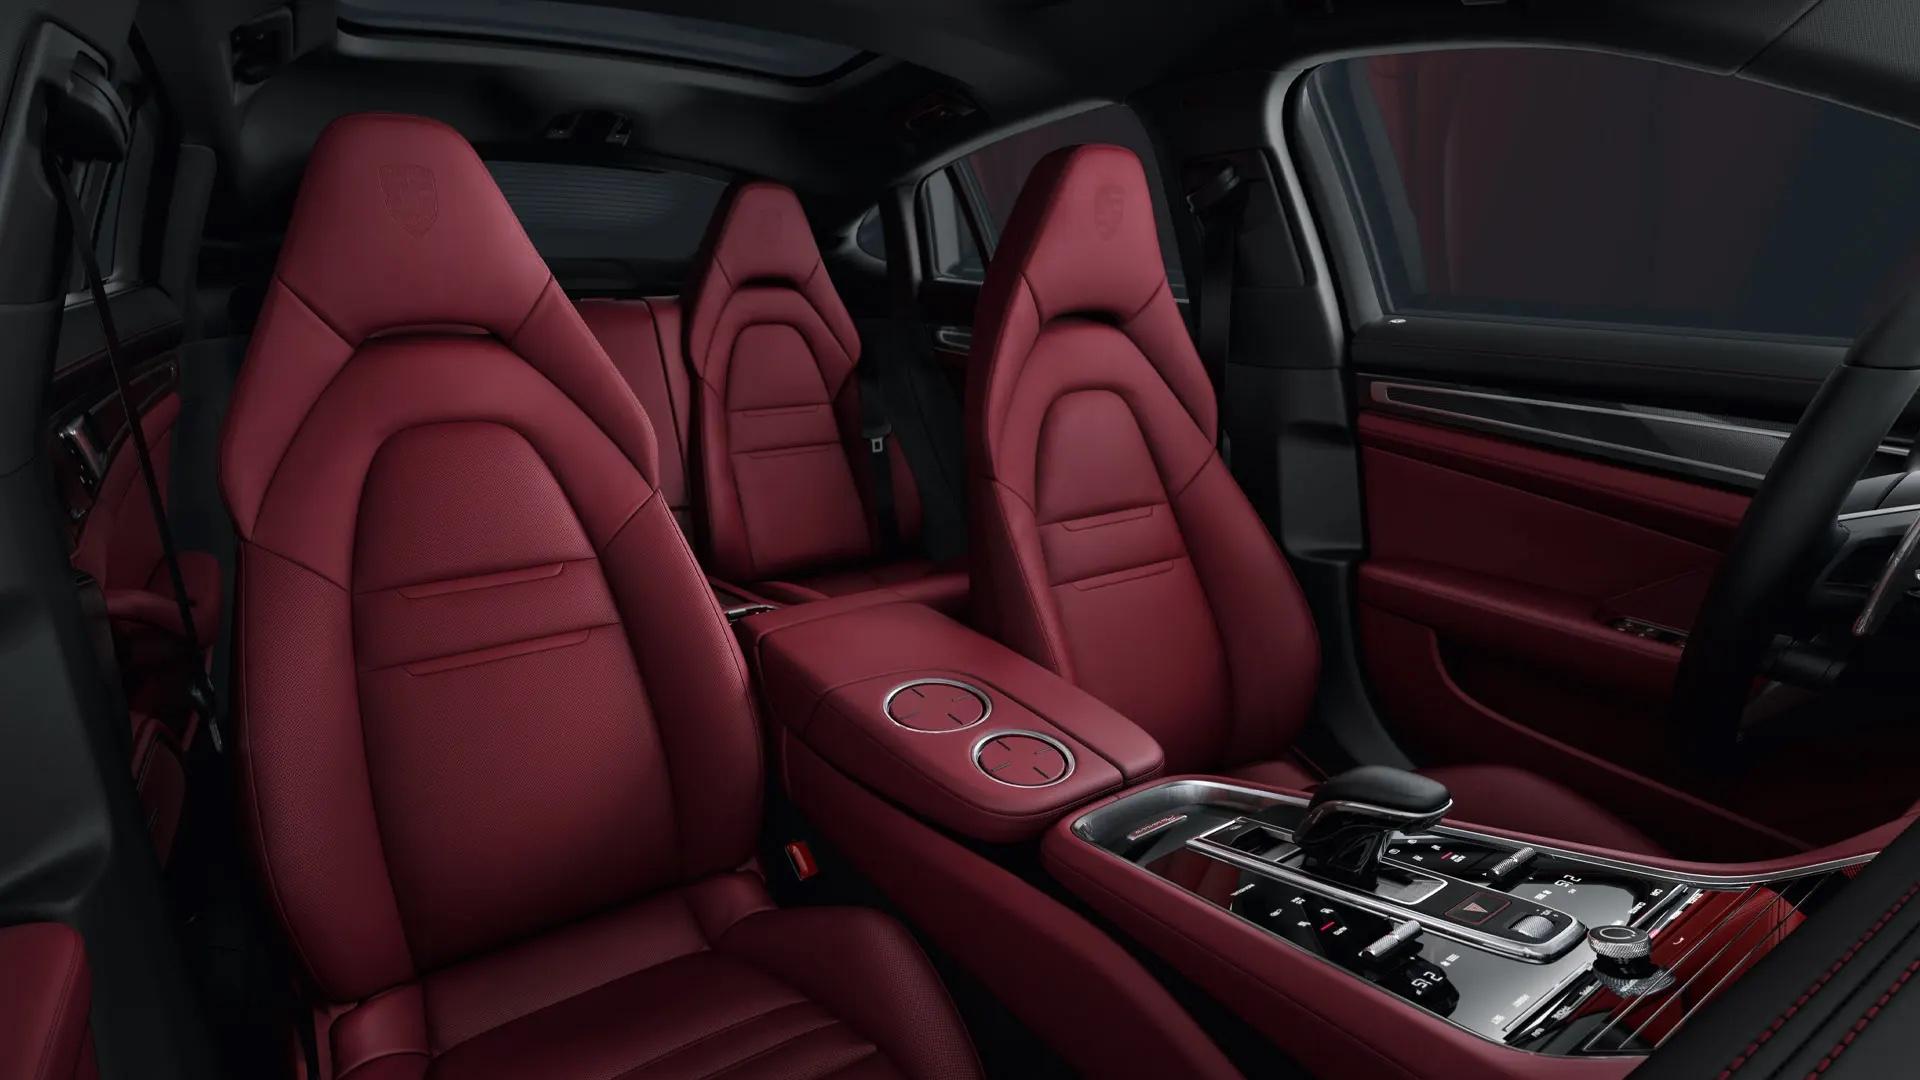 Porsche Panameran ohjaamo viininpunaisella viimeistelyllä.